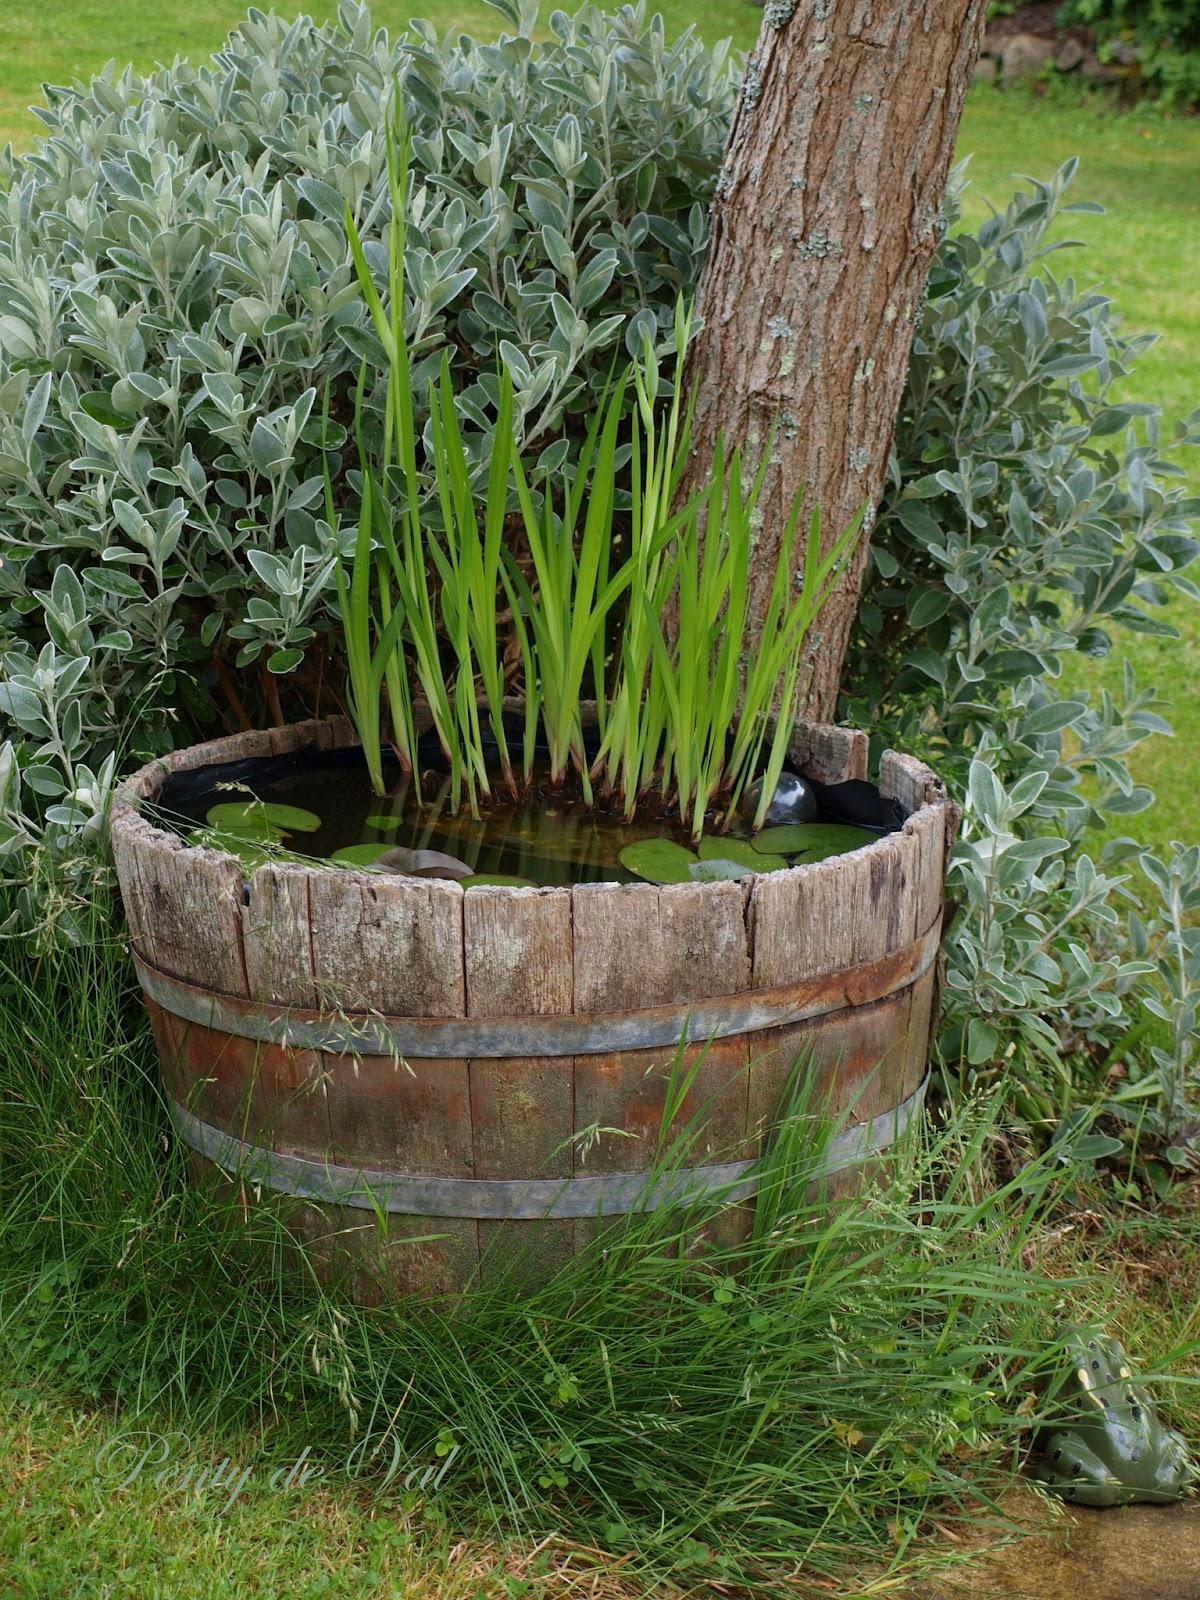 Penty de val un mini bassin tonneau dans le jardin for Mini bassin de jardin